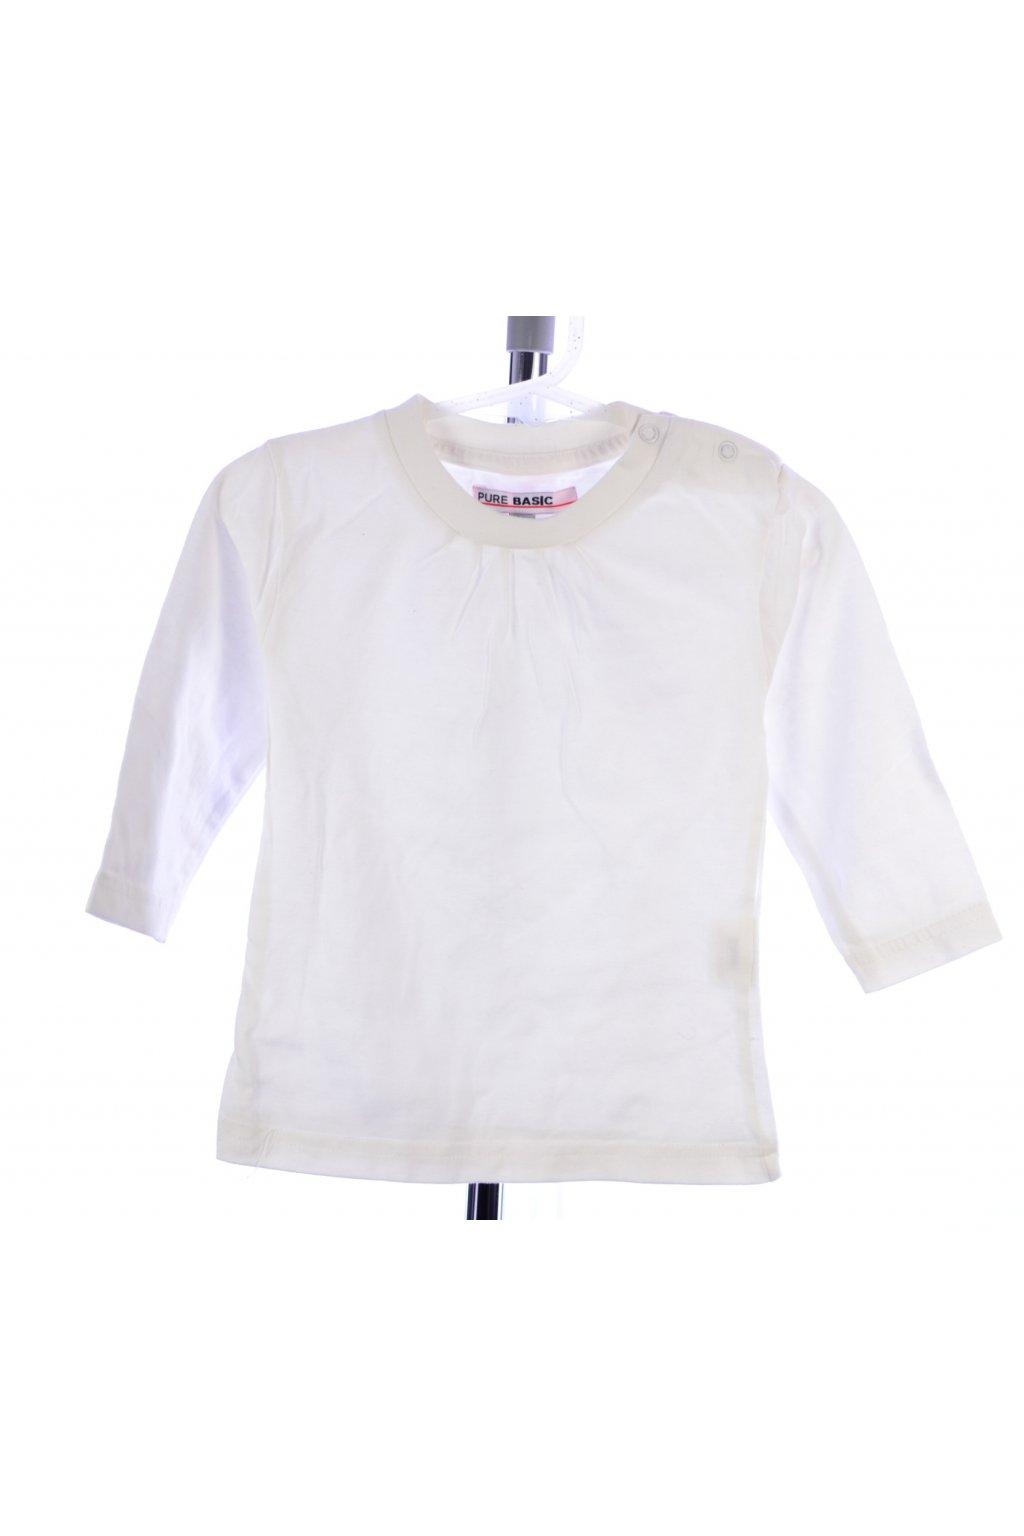 Tričko Pure basic vel. 86